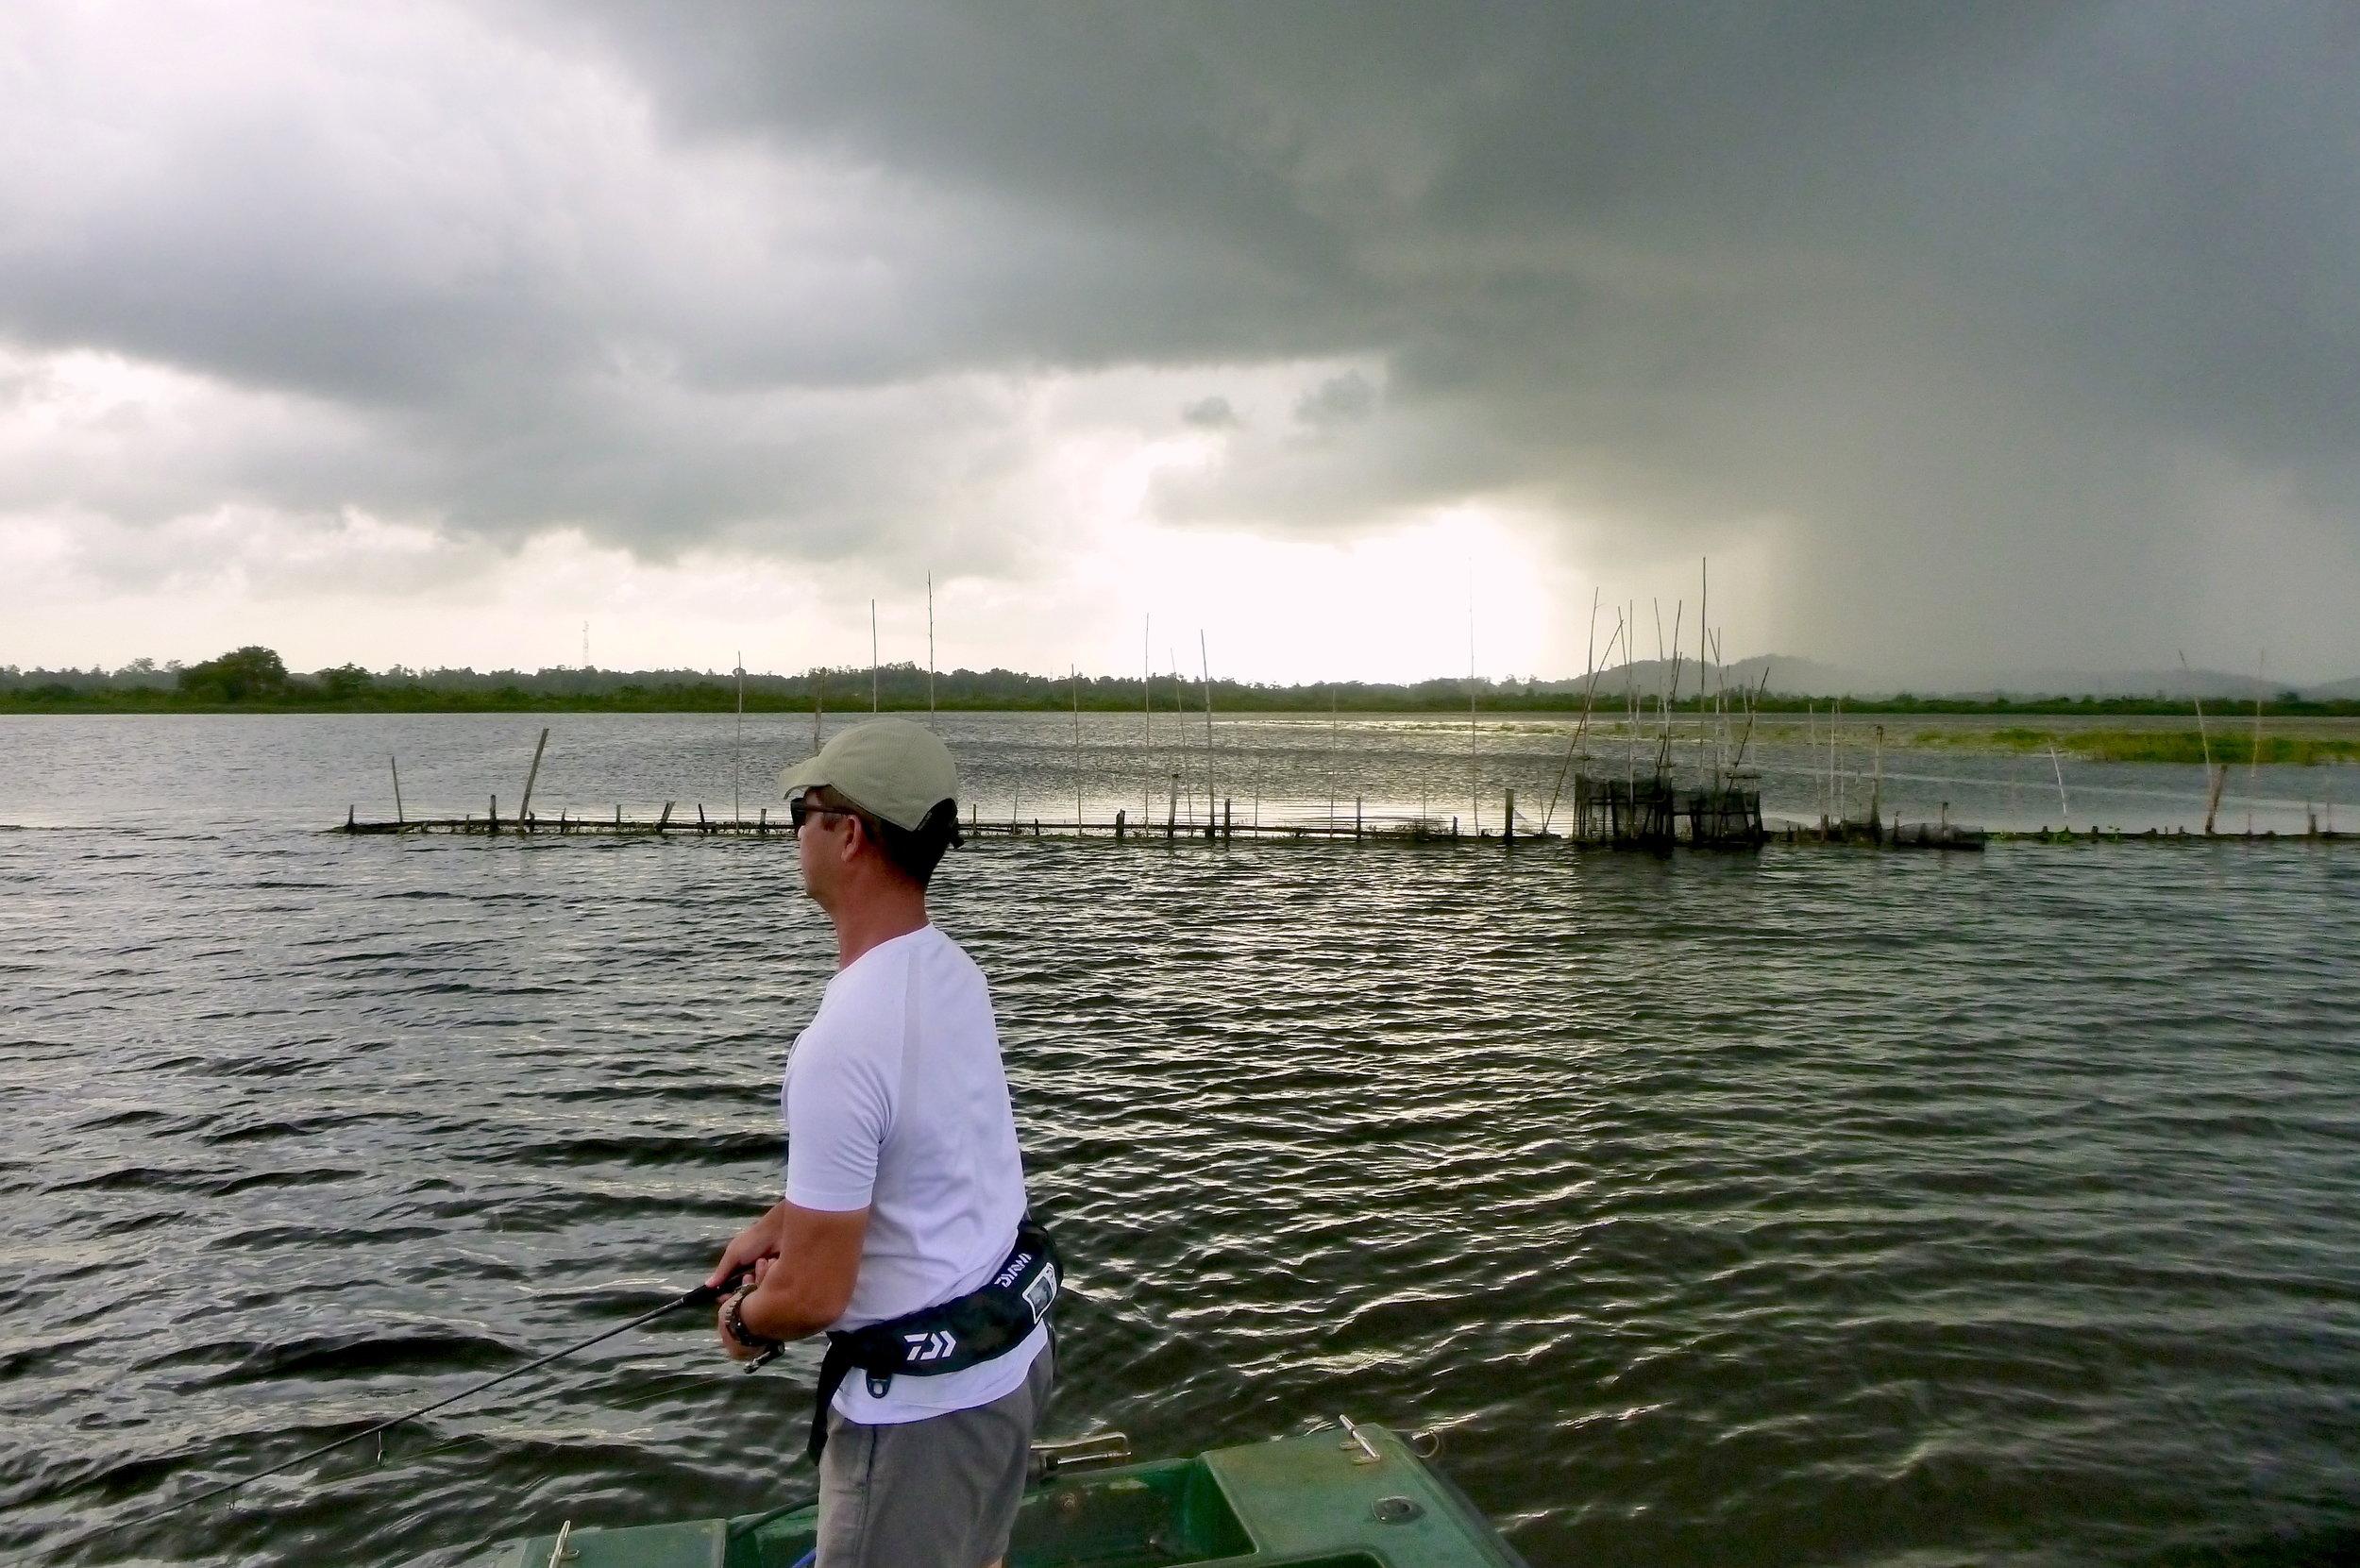 Sportfishing Lanka Fishing at Bolgoda Lake Heavy Rain Luring Casting.JPG